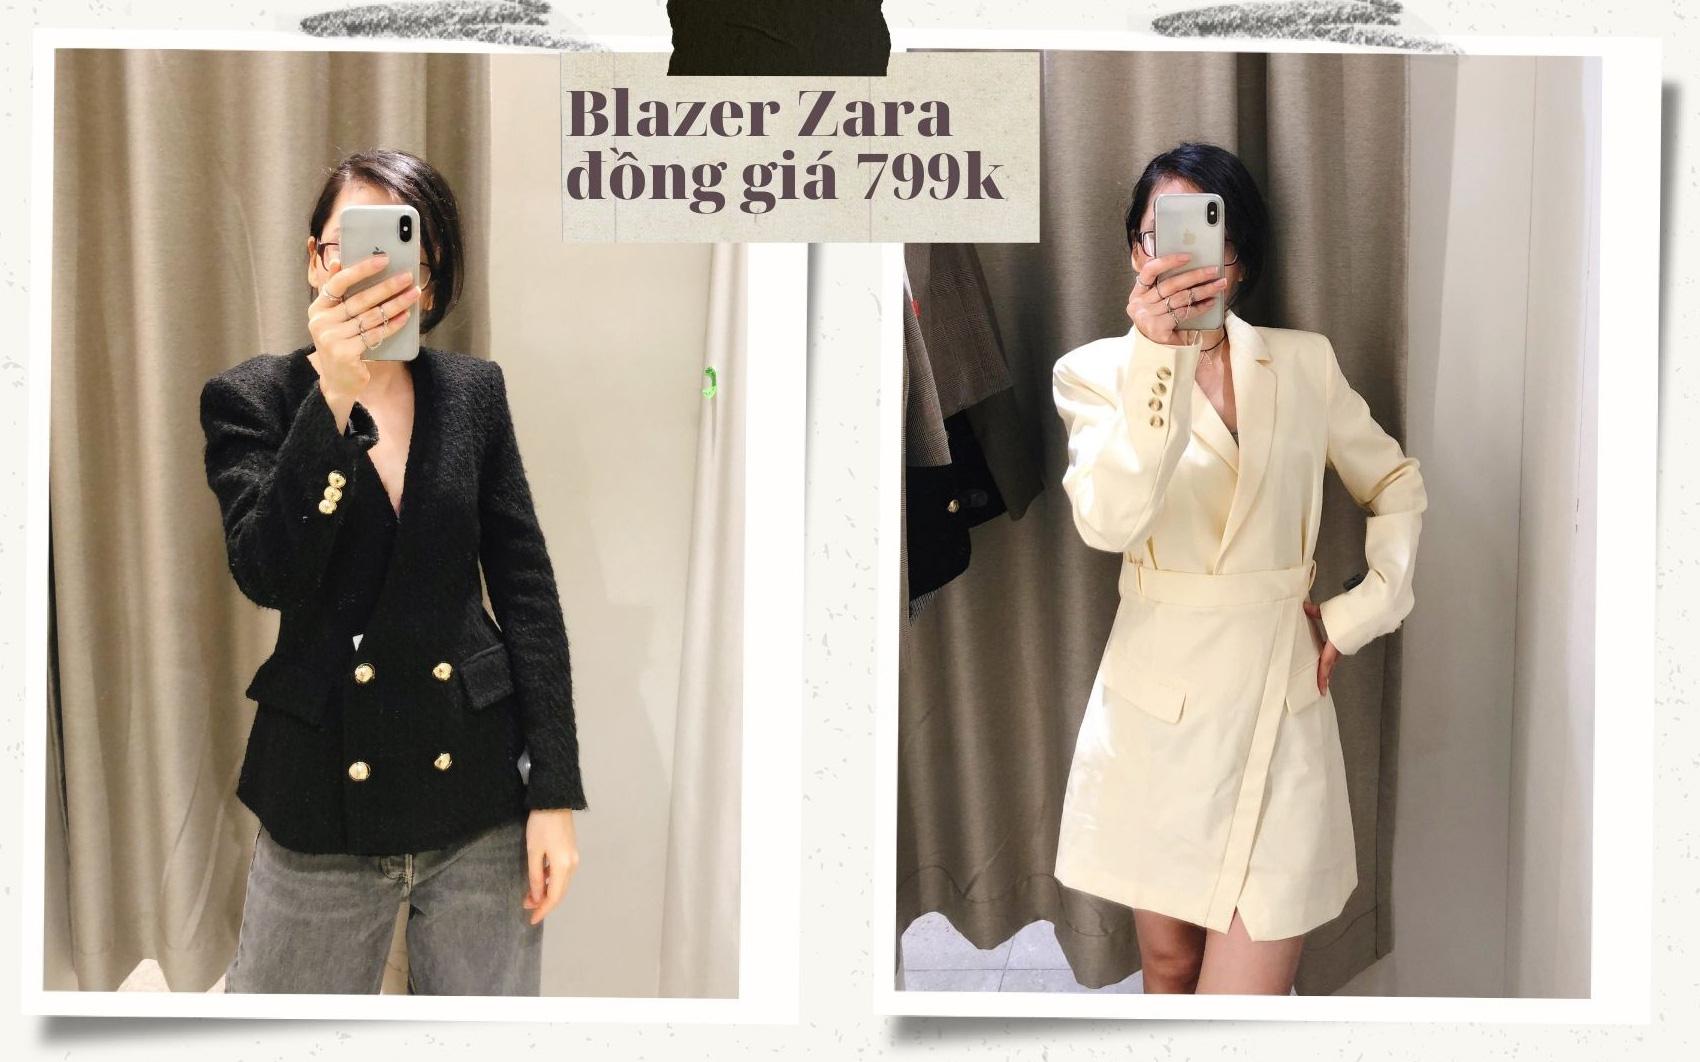 Blazer Zara sale đồng giá 799k: Áo vải tweed đẹp mê, chuẩn style sang chảnh của chị đẹp Son Ye Jin